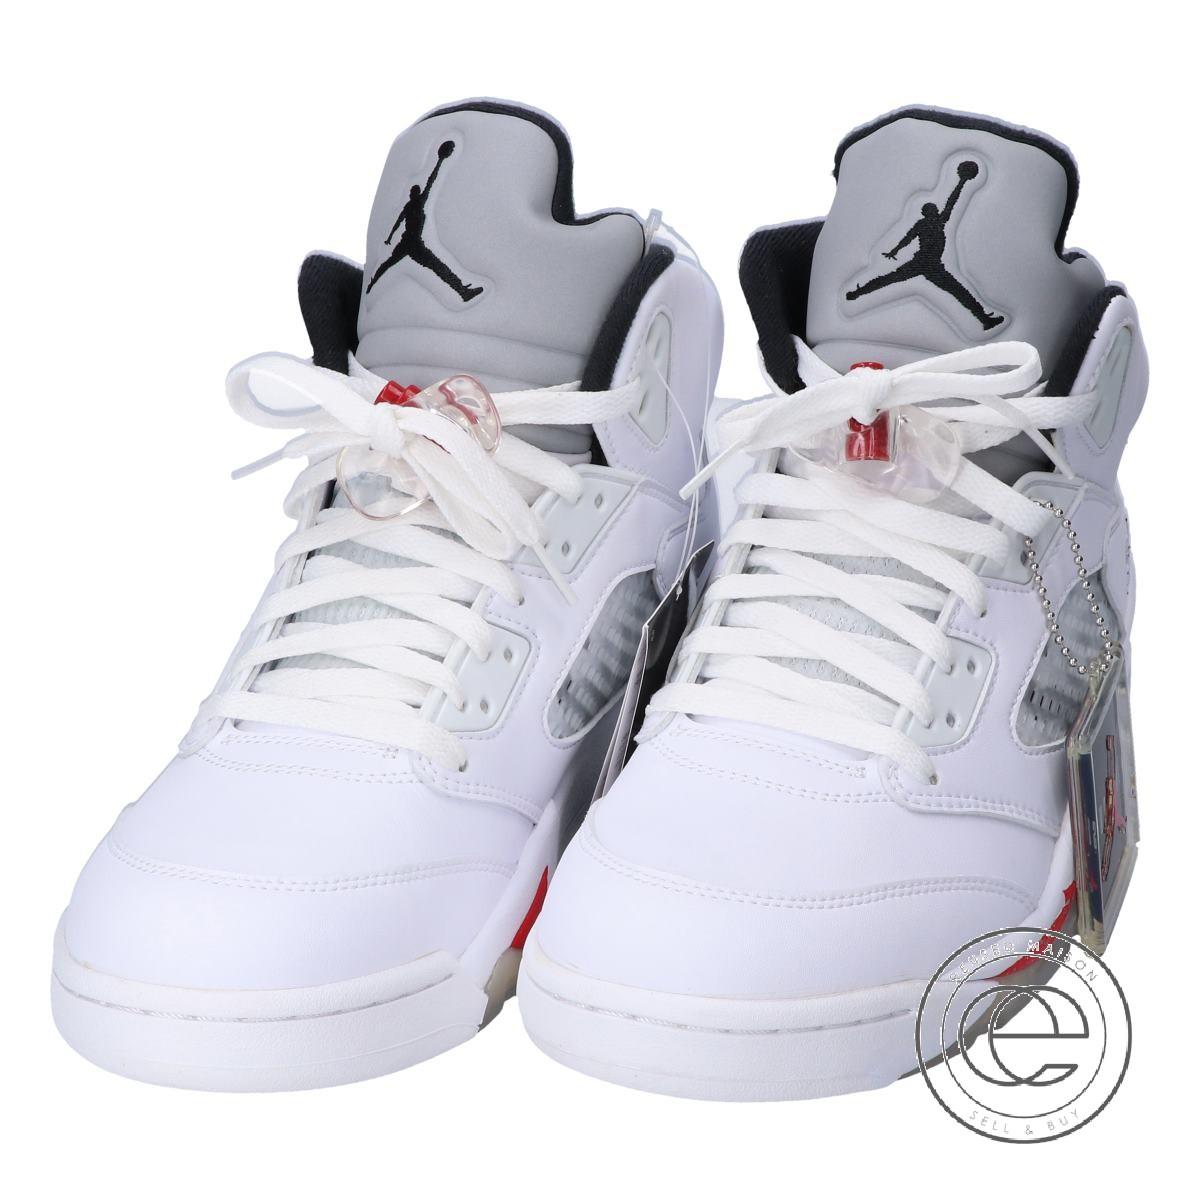 b819beefb6 Supreme / シュプリームX NIKE Nike [as well as a new article] 824,371-101 AIR  JORDAN 5 RETRO SUPREME Air Jordan 5 レトロシュプリームスニーカーシューズ